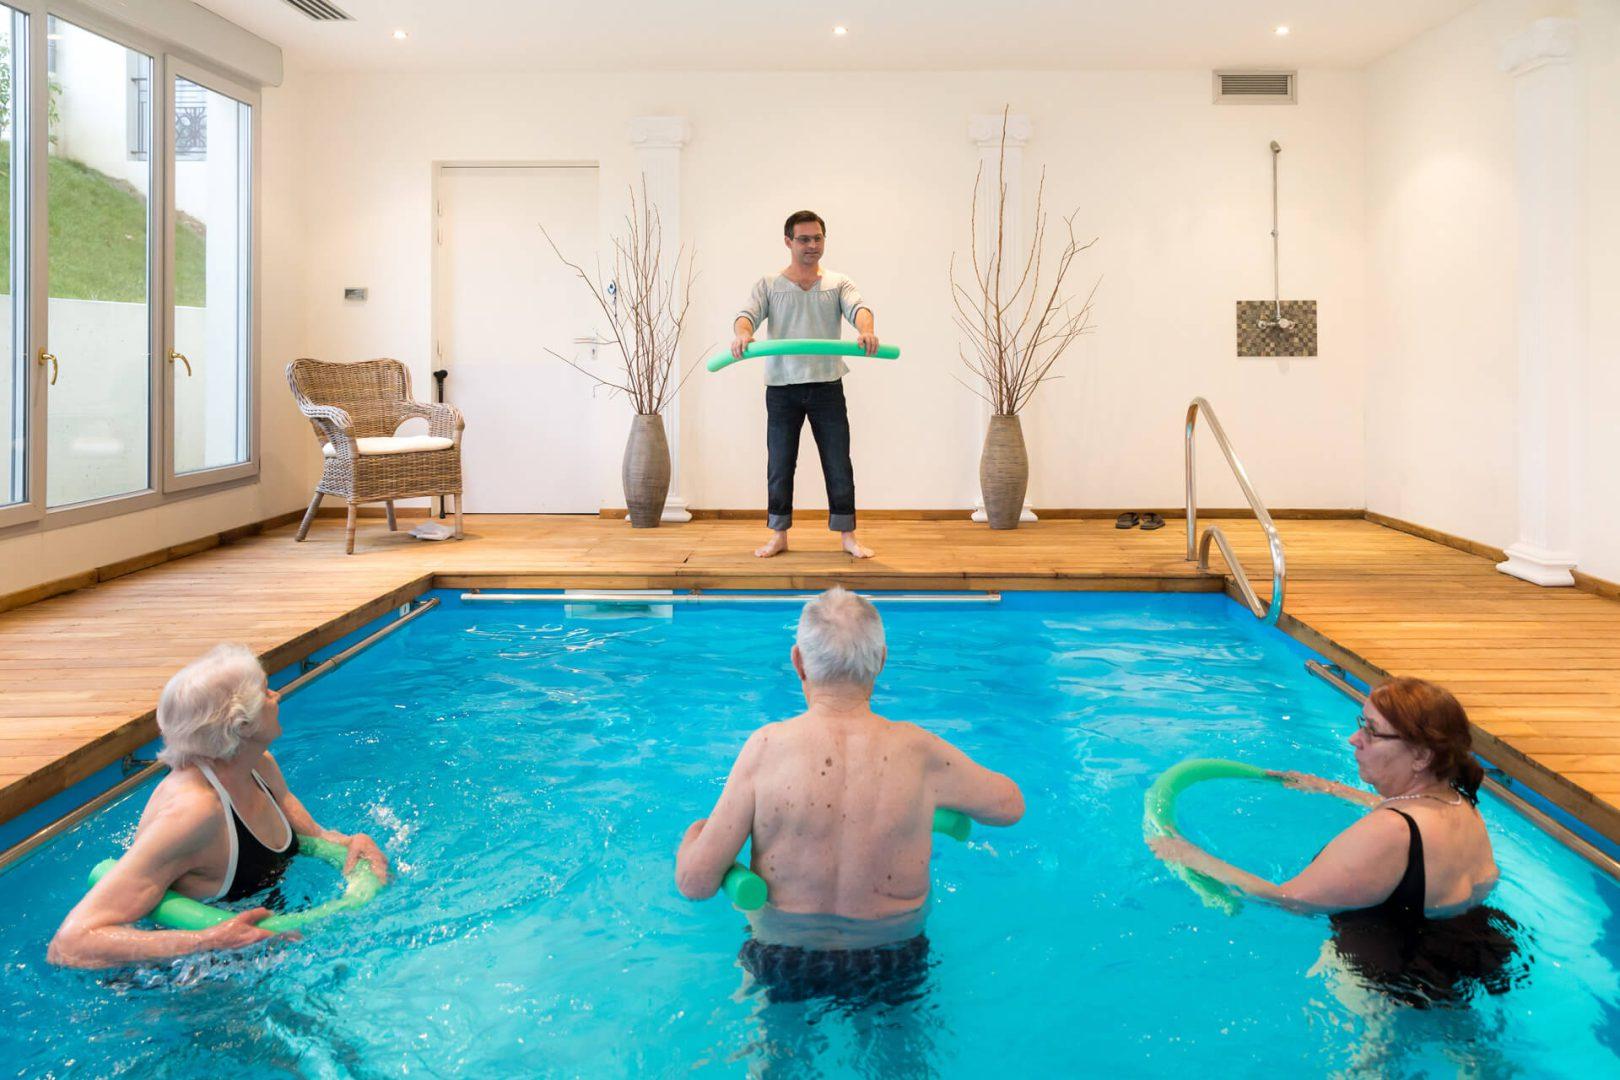 des résidents faisant des cours d'aquagym dans une résidence avec piscine Villa Médicis